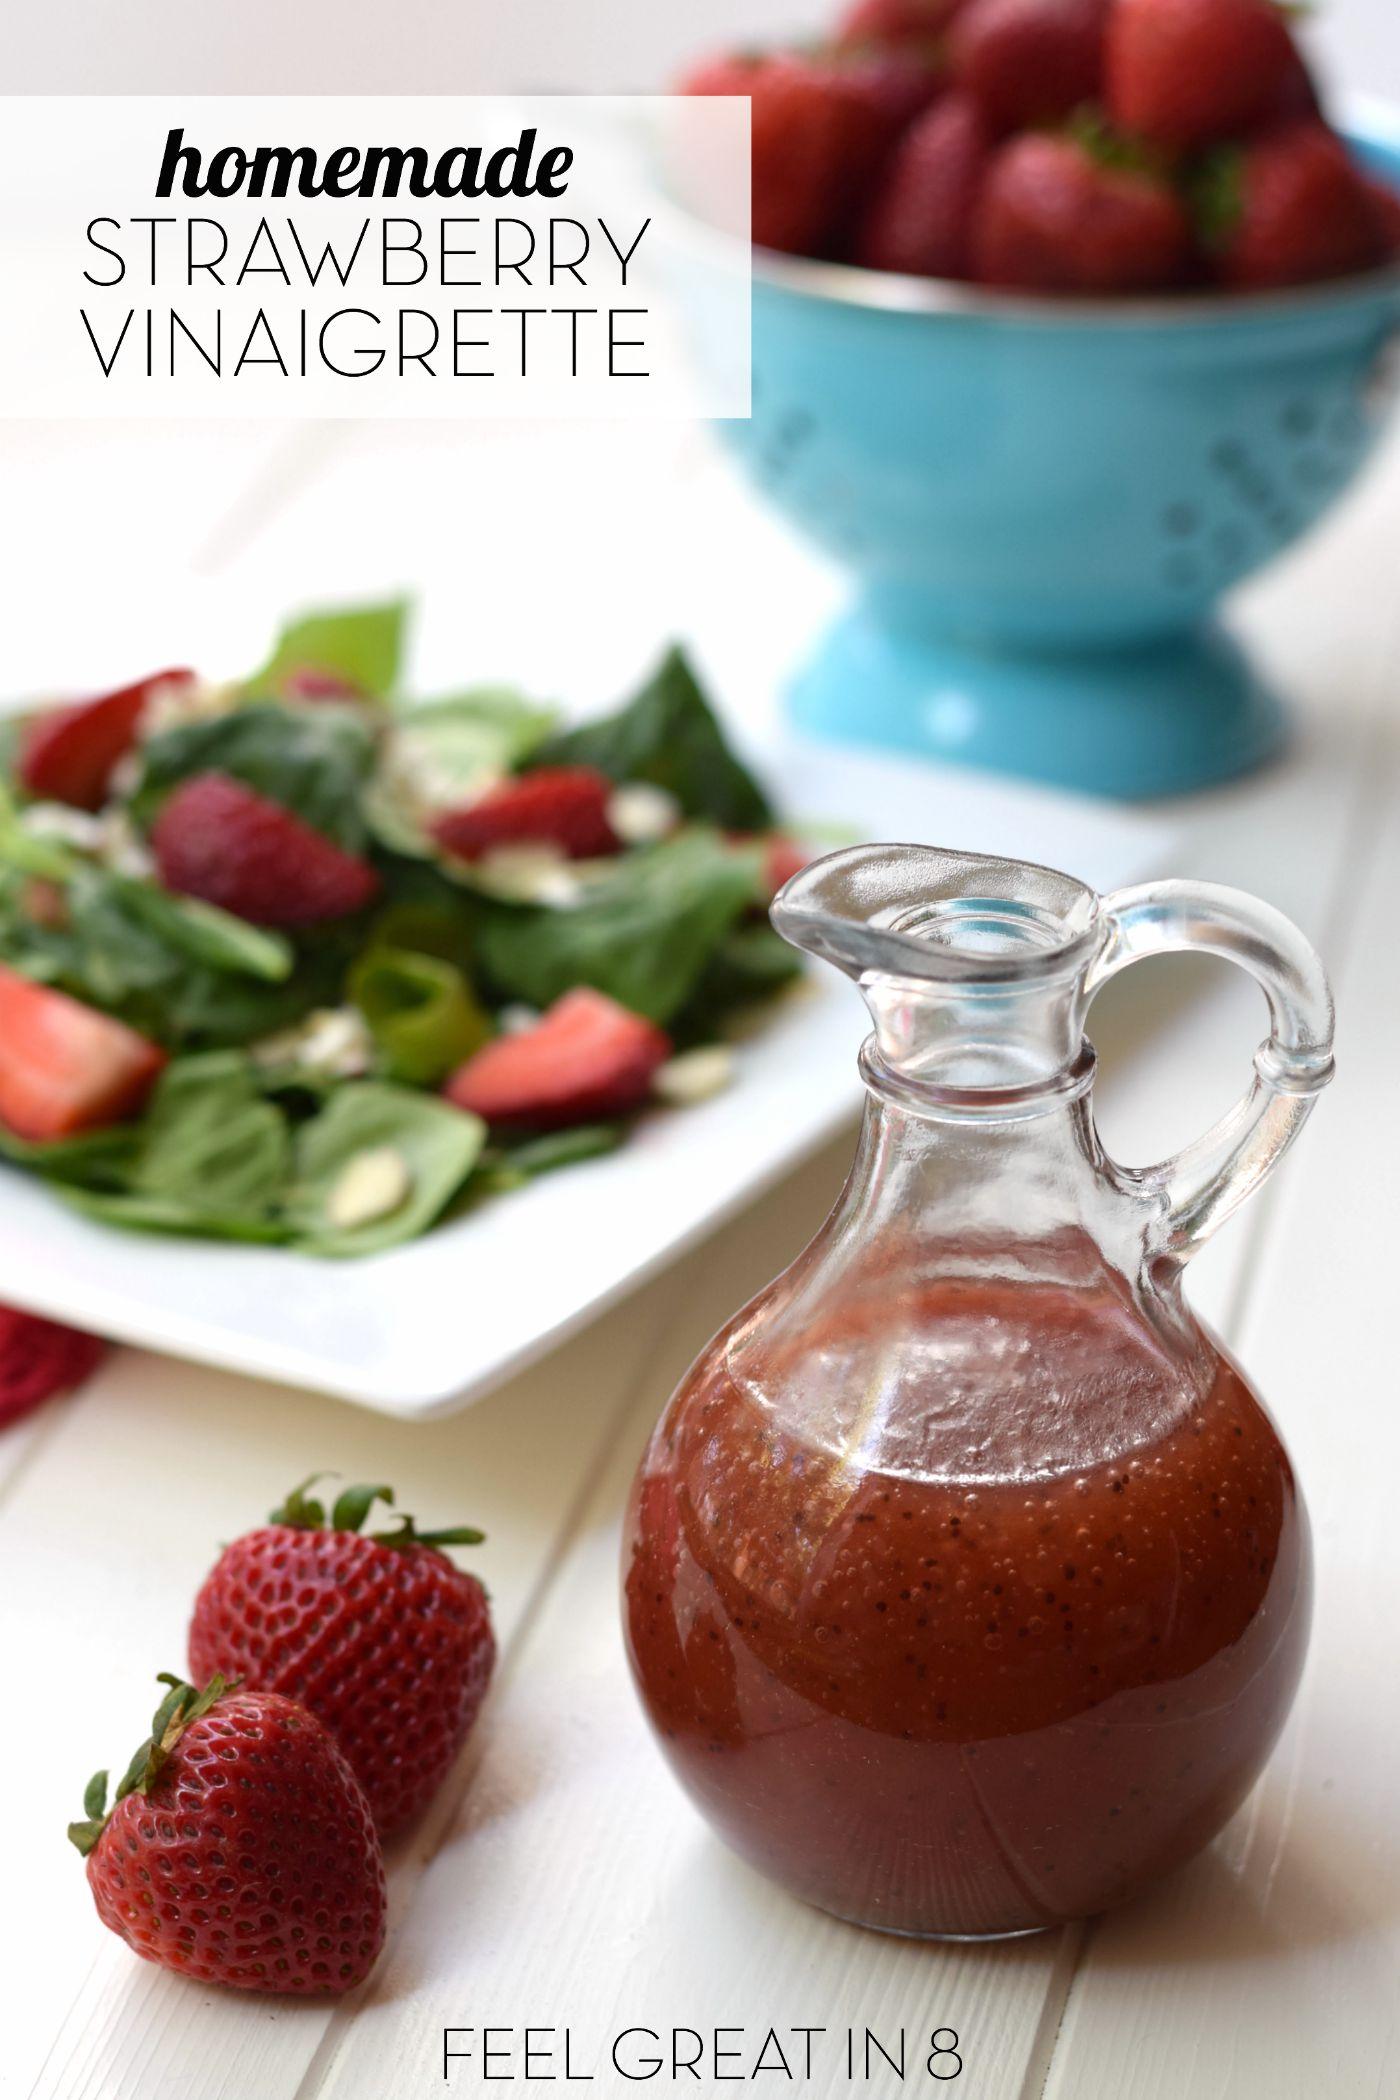 StrawberryVinaigrette